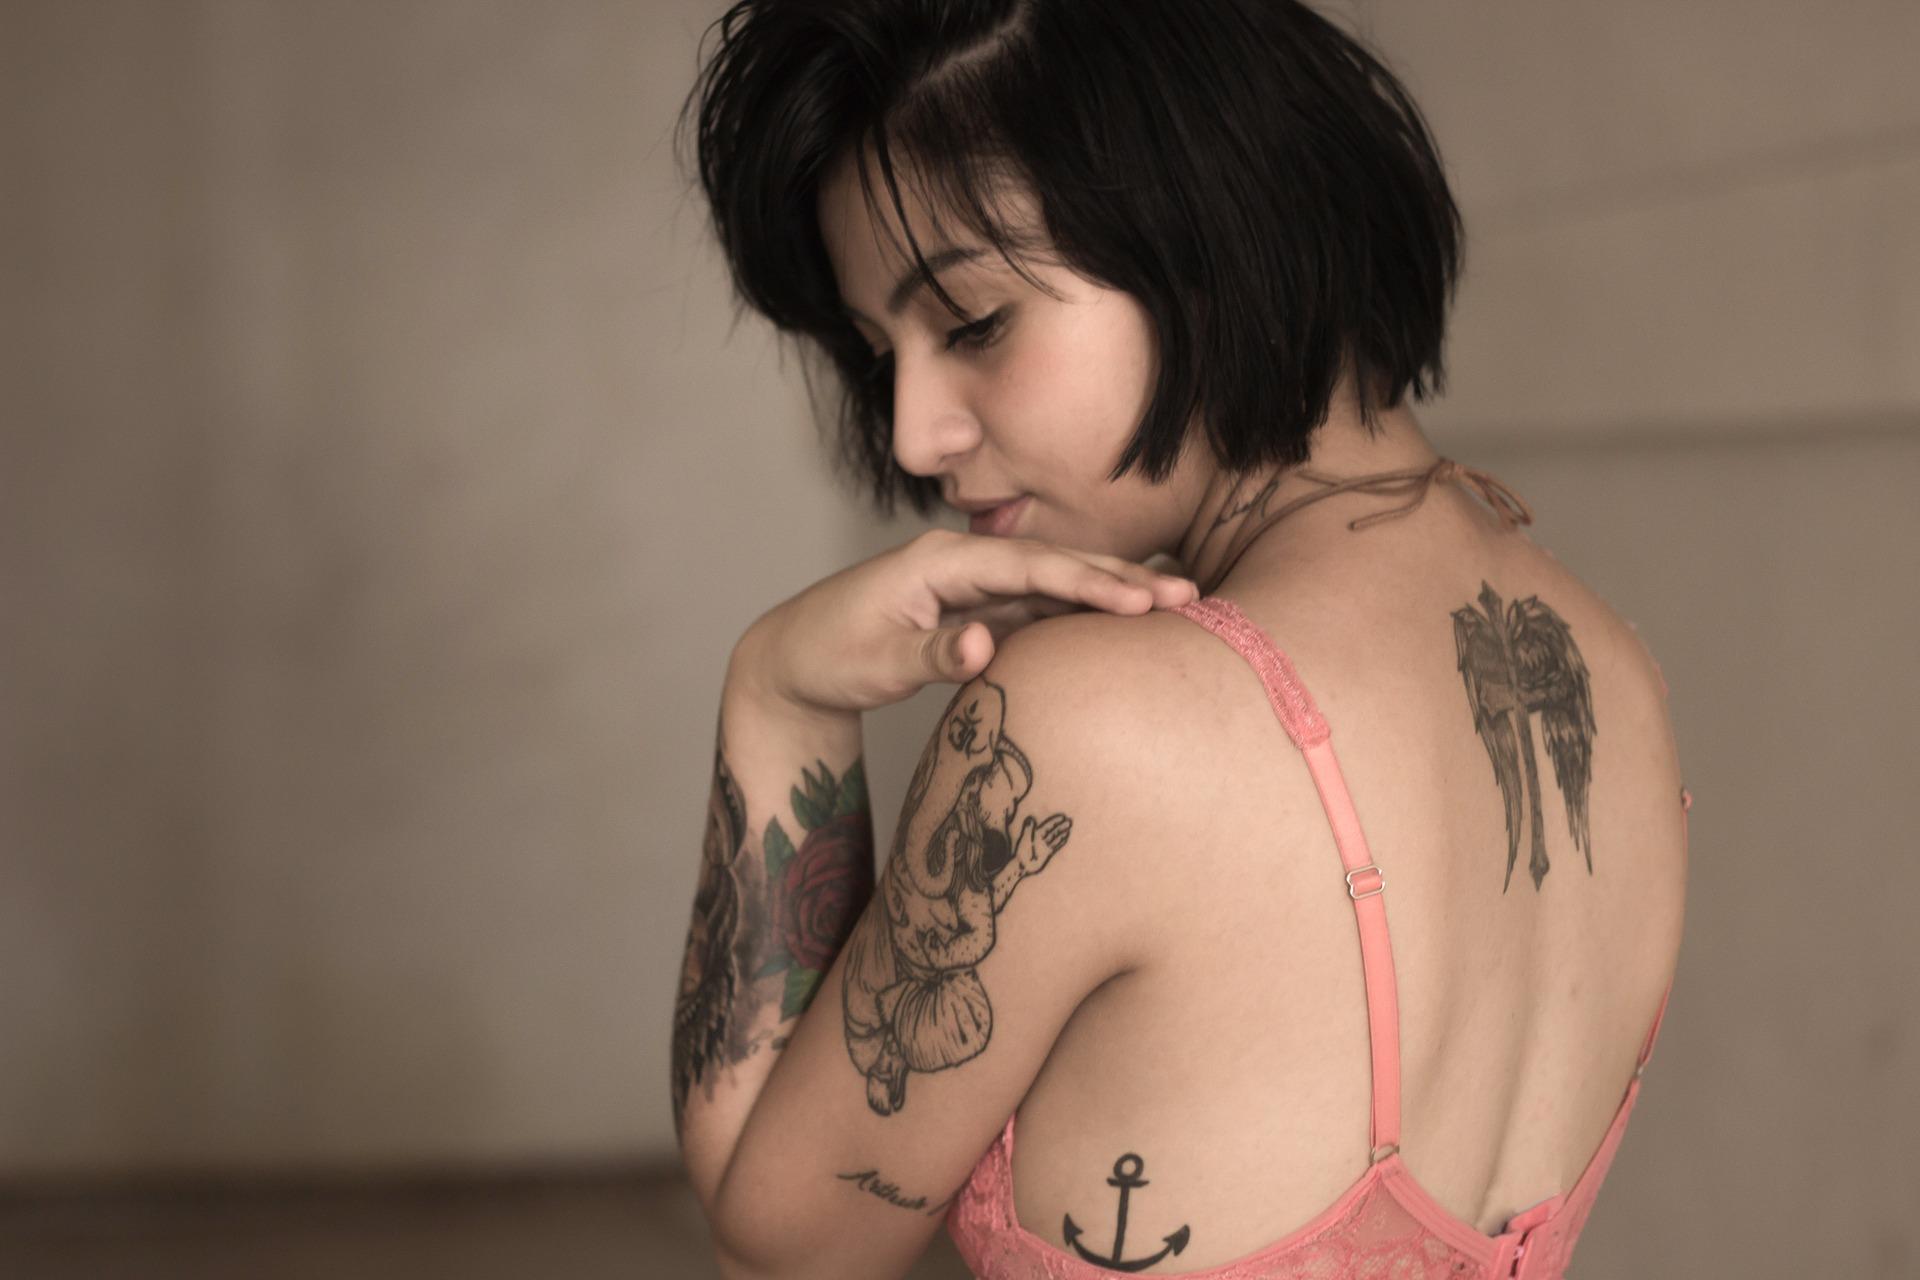 Tatuointi News 19 joulukuu